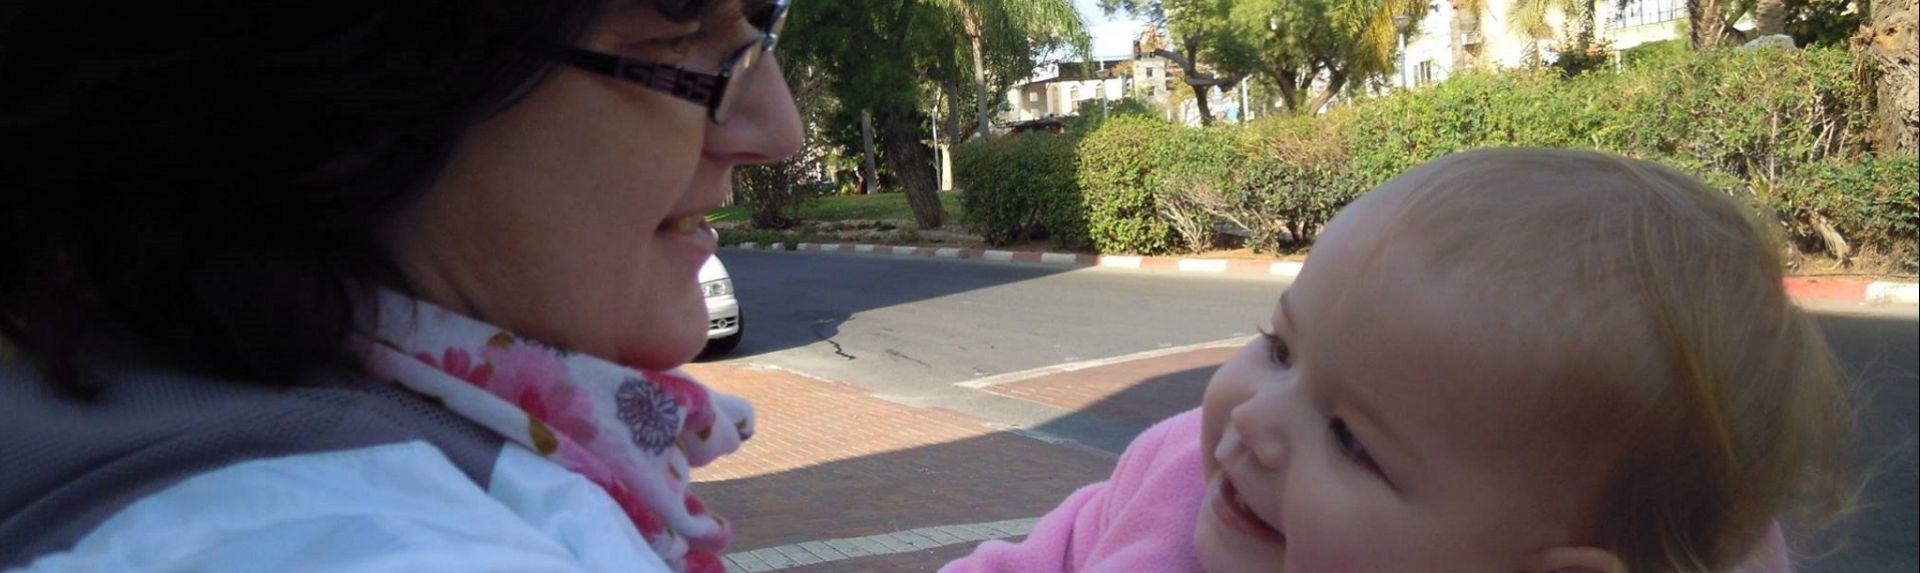 Мне 46, моей дочери 6. Мифы и реальность возрастного материнства